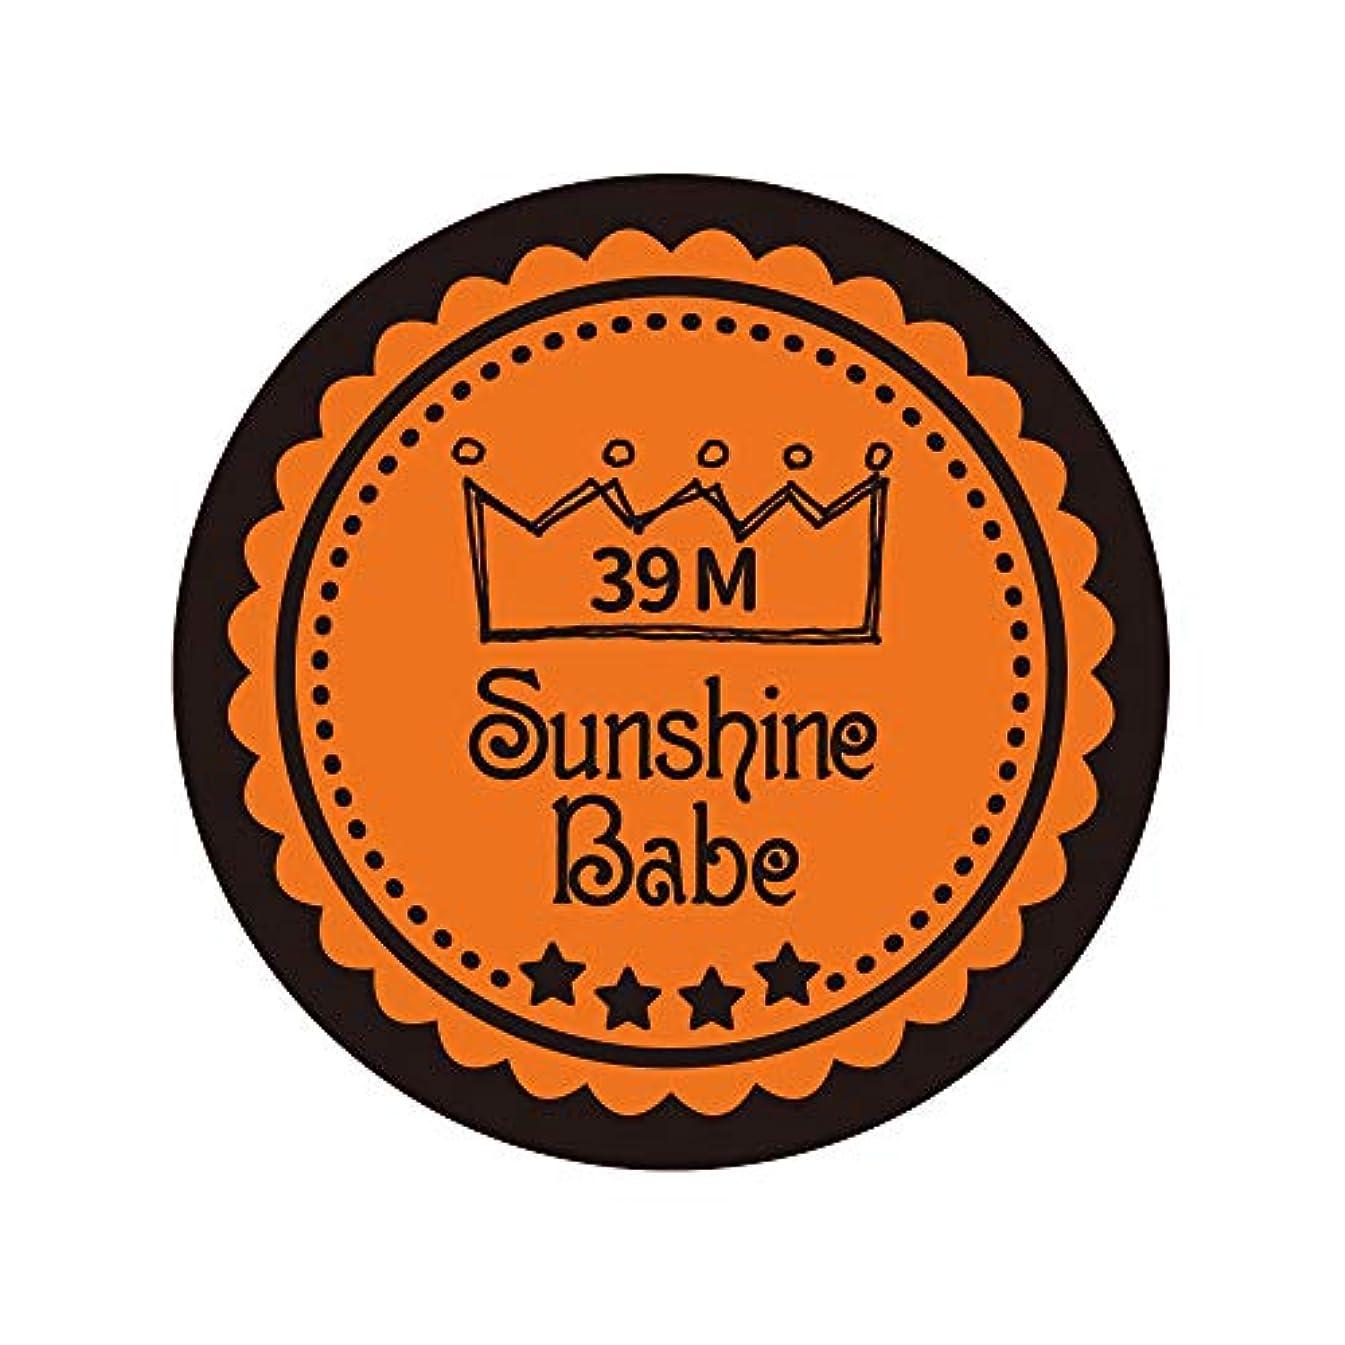 ご飯好戦的なメタンSunshine Babe カラージェル 39M ラセットオレンジ 4g UV/LED対応